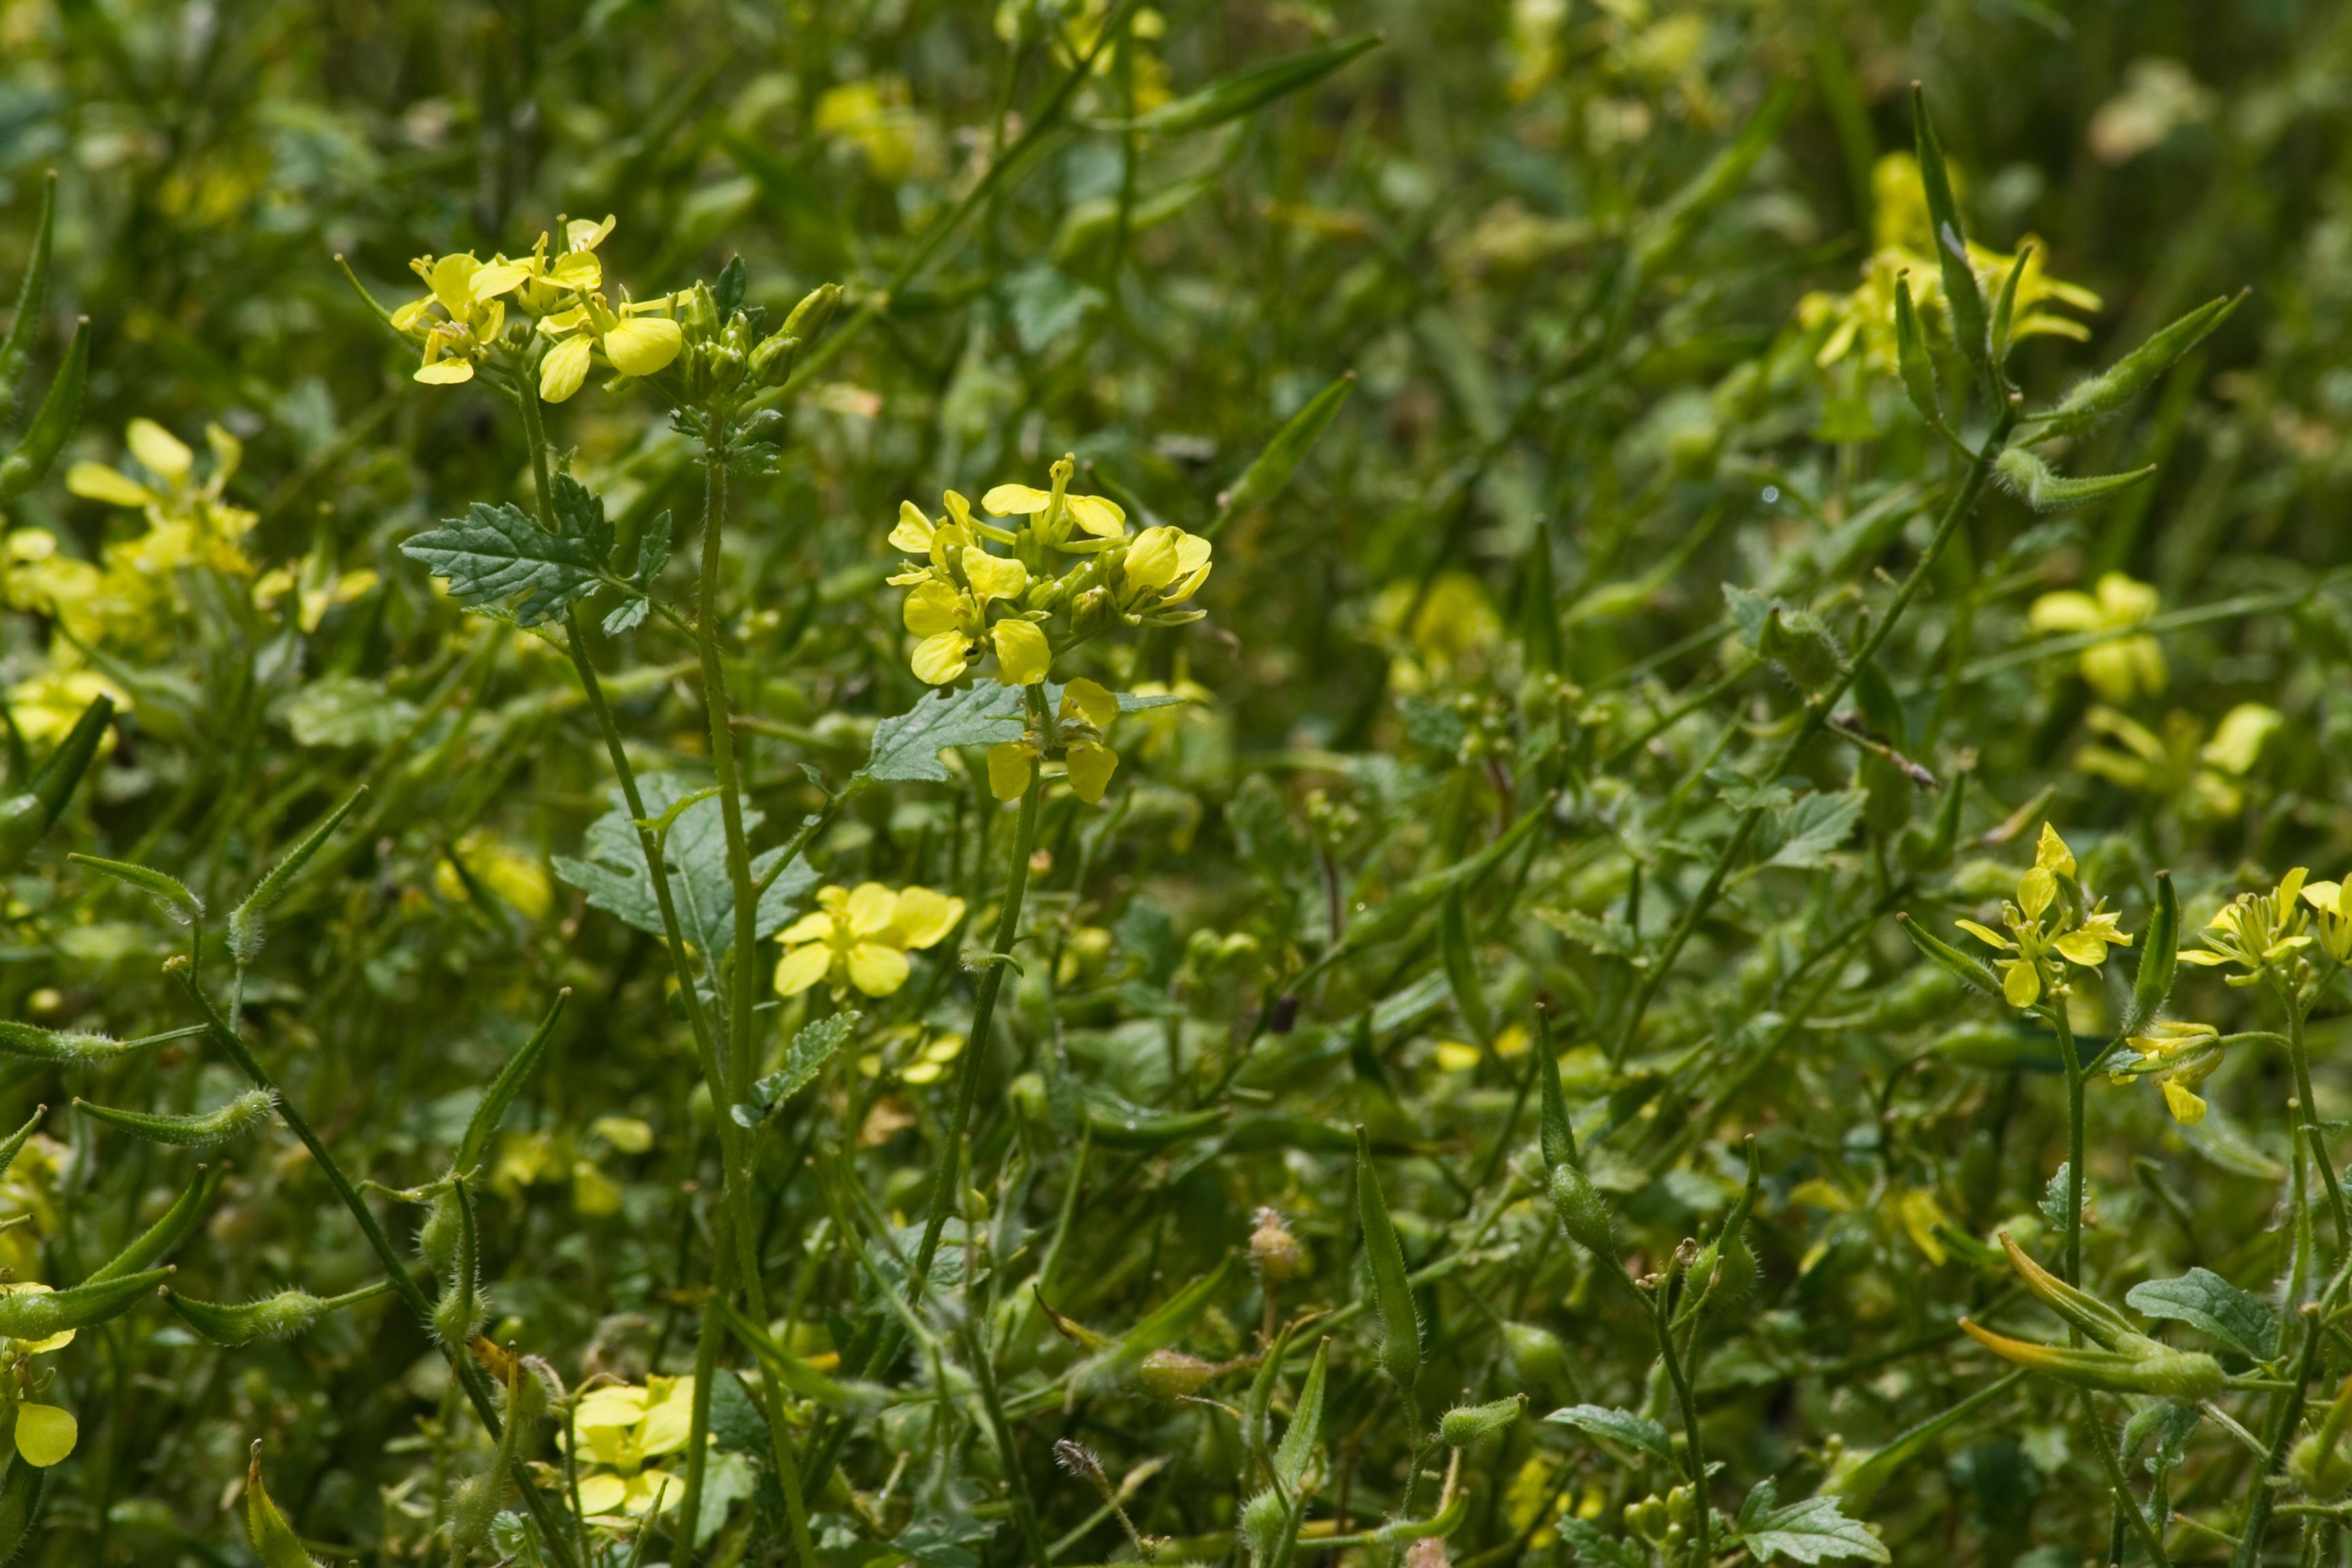 Посев сидератов в июле производят не только ради борьбы с сорняками, но и для насыщения земли азотом для будущих посадок